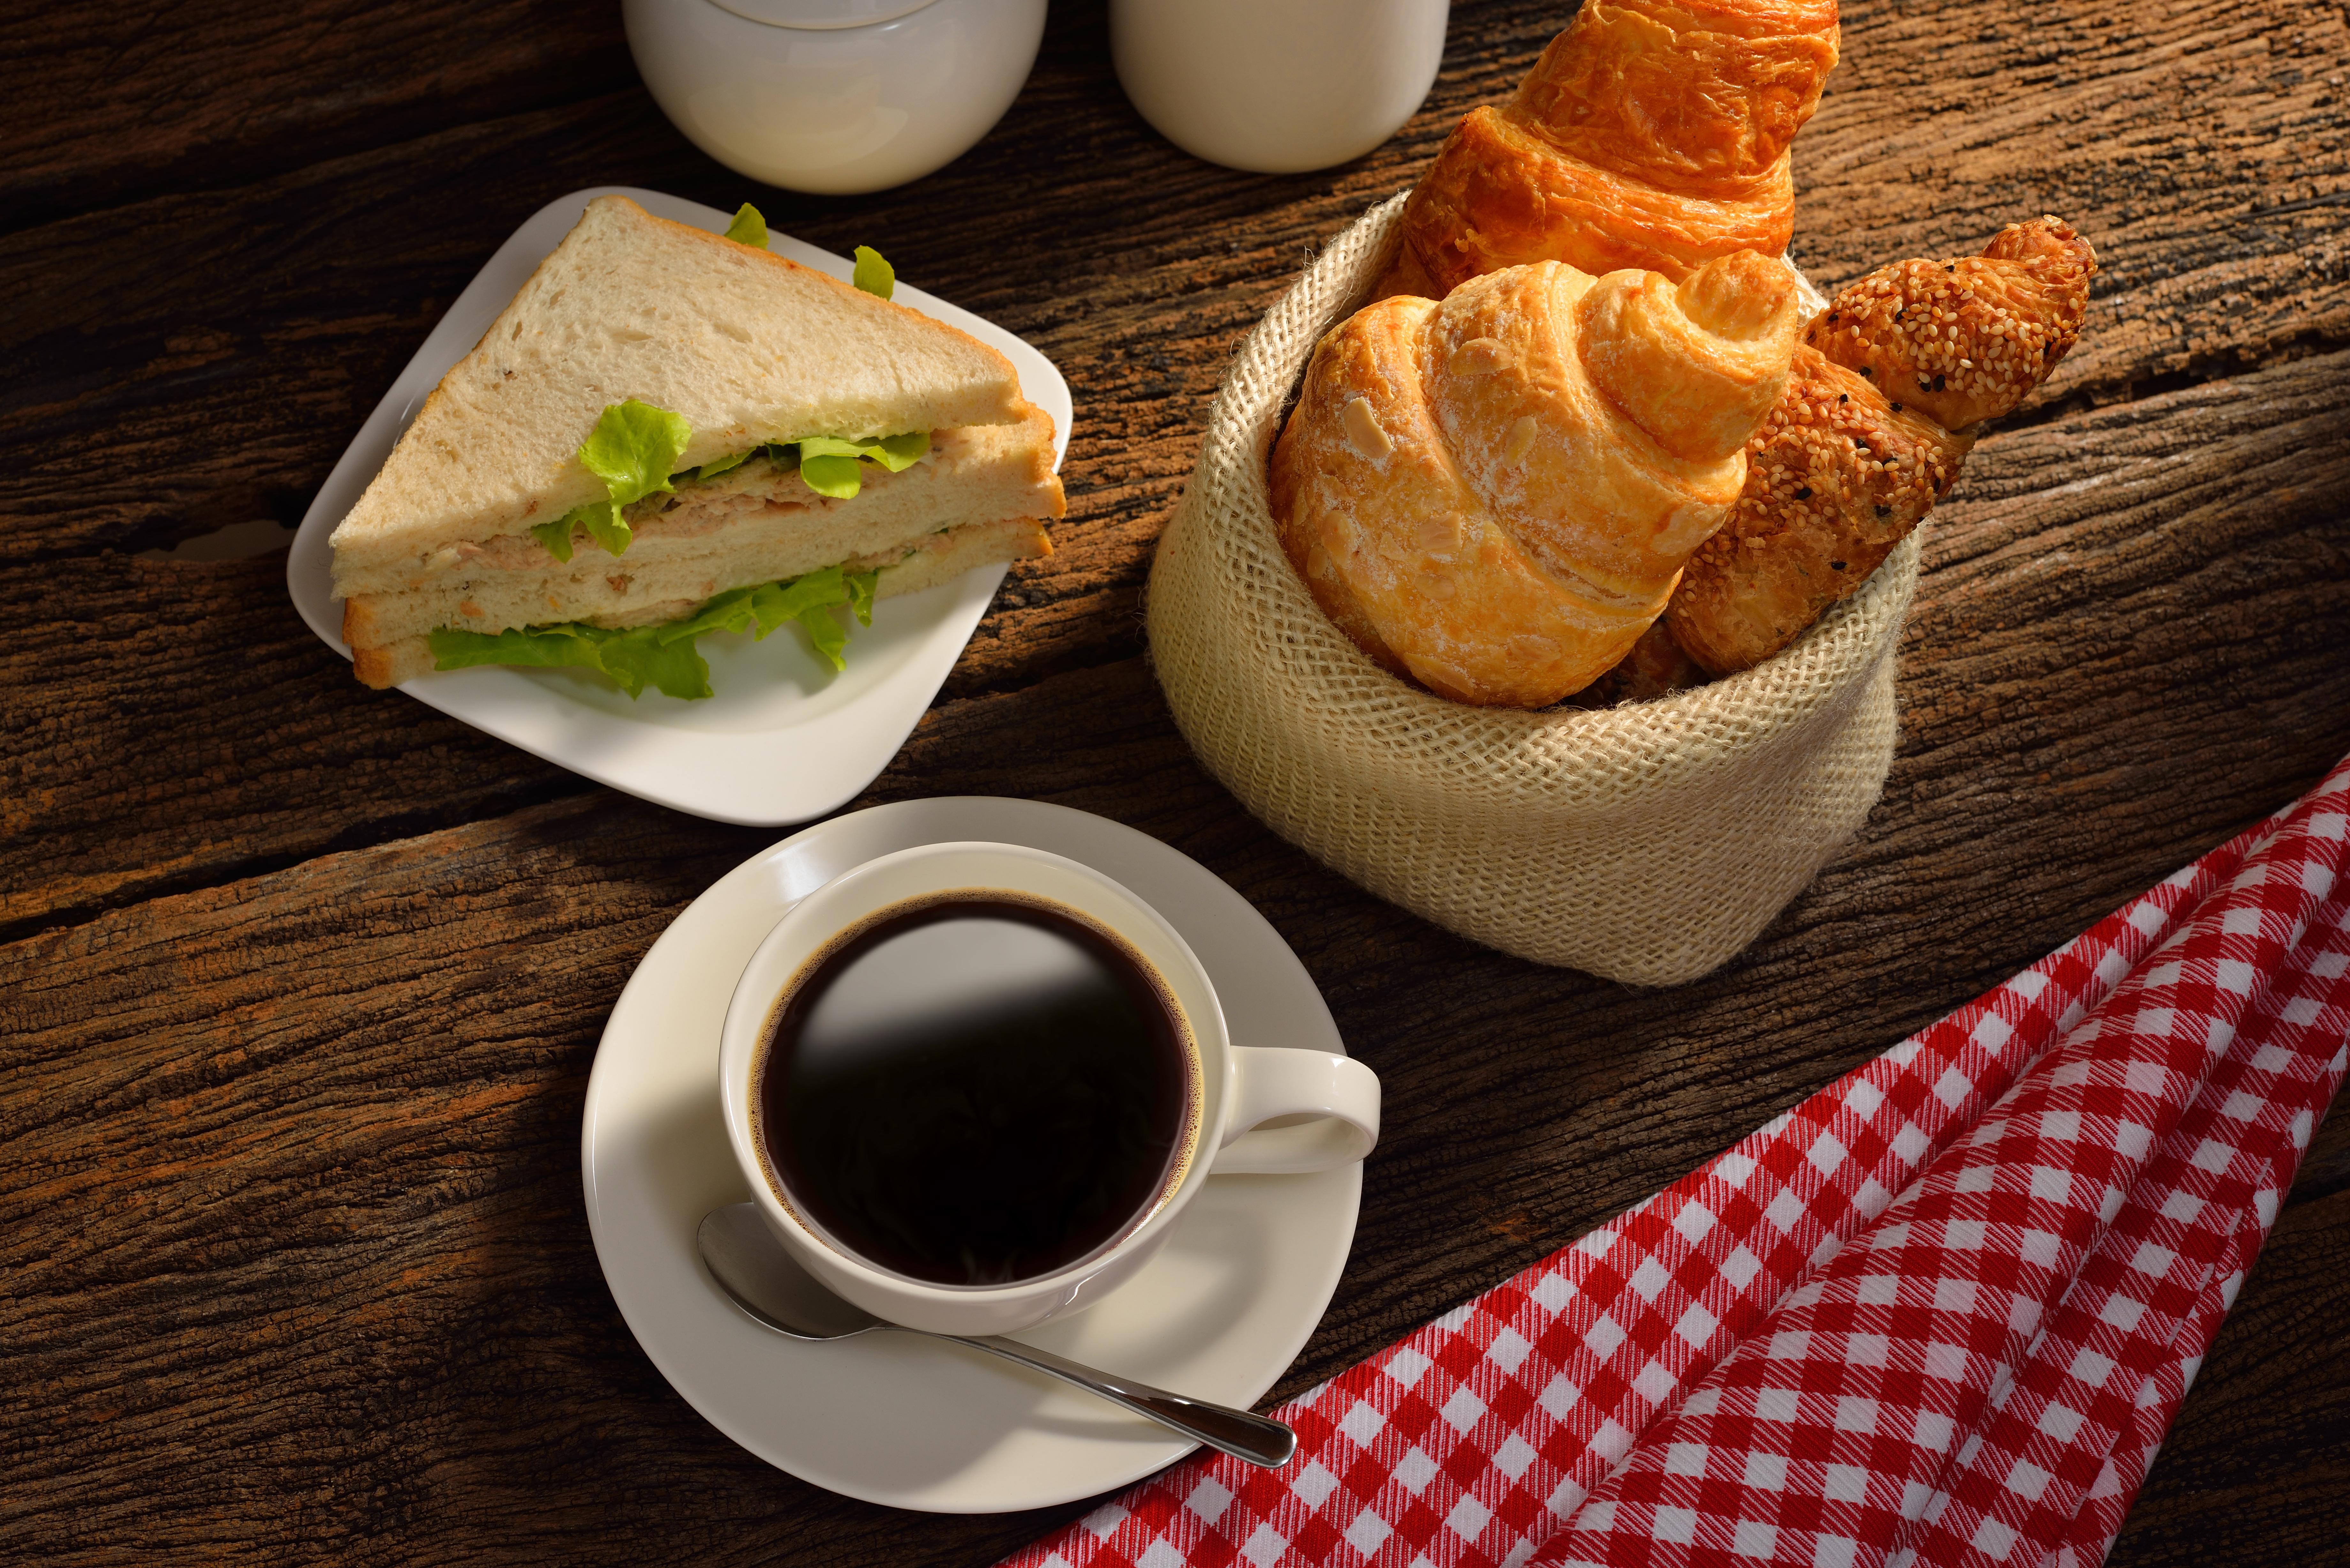 картинки легкого ужина с кофе и булочками был наемным работником